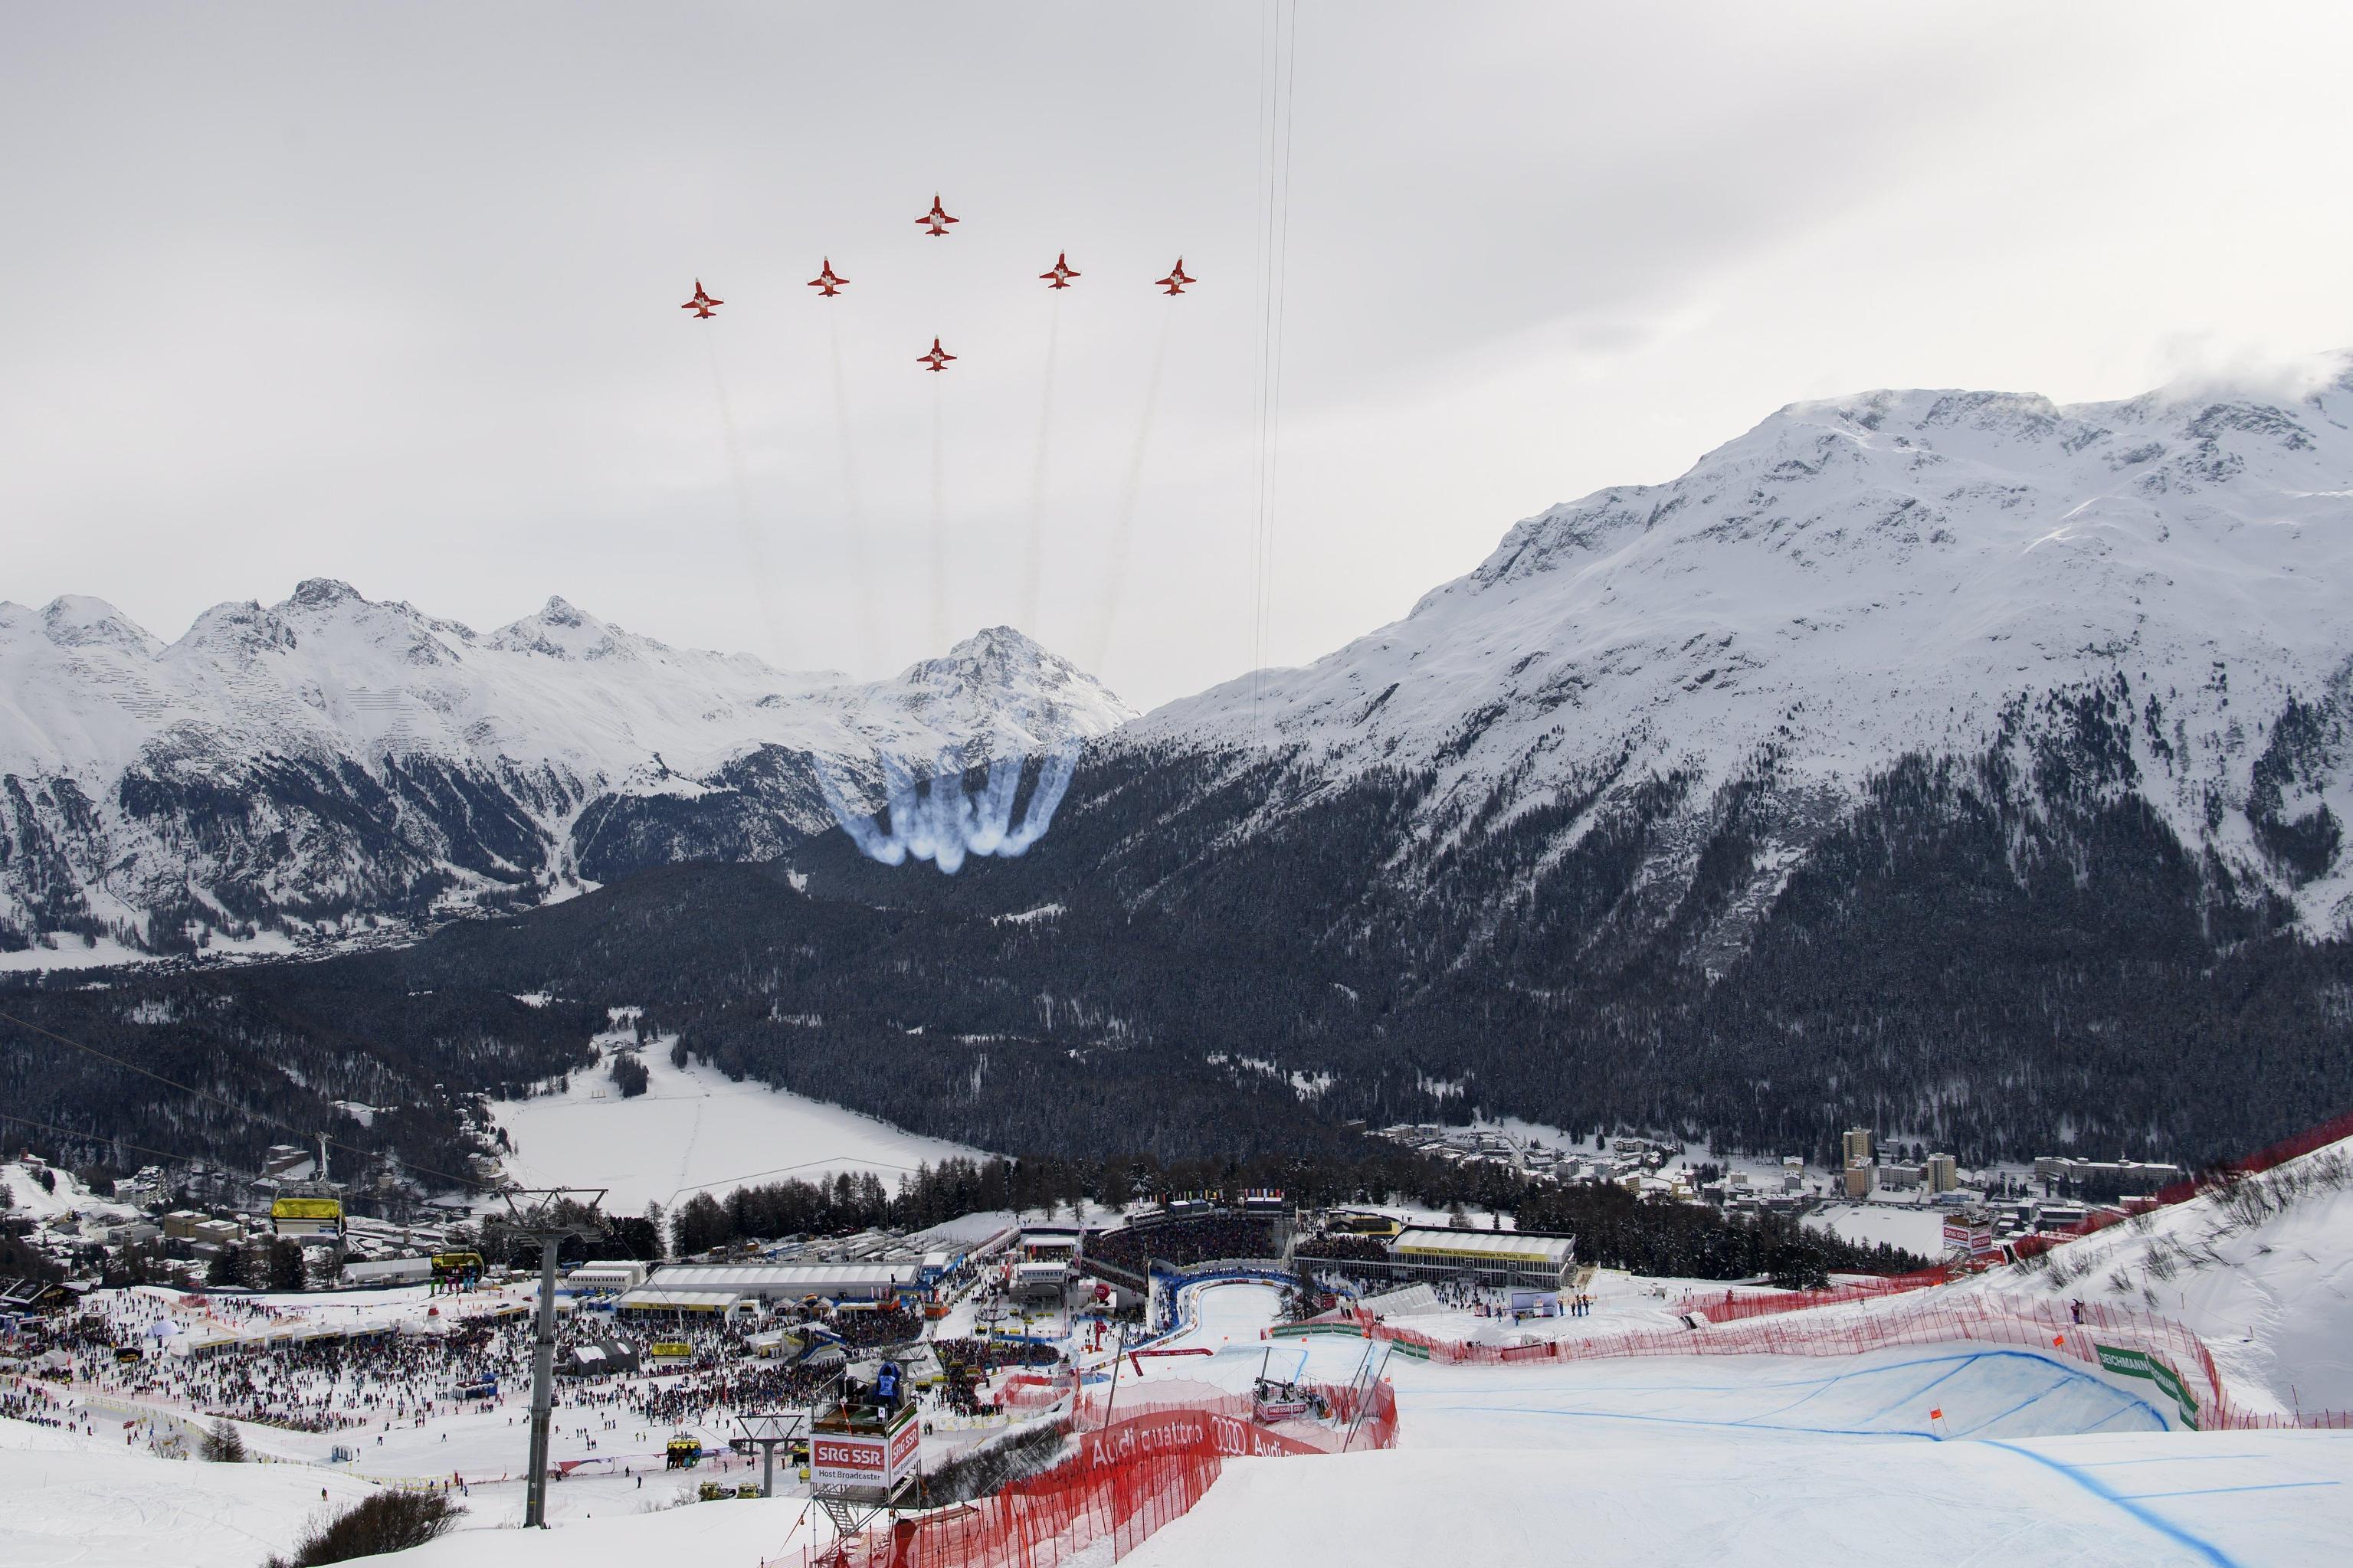 """Sfuma di un soffio la prima medaglia azzurra ai Mondiali di sci di St. Moritz. Nella discesa femminile Sofia Goggia commette un grave errore nel finale al termine di una gara velocissima e termina al quarto posto, a soli 7 centesimi dal podio. L'oro va alla slovena Ilka Stuhec che chiude con il tempo di 1'32""""85 precedendo di 4 decimi l'austriaca Stephanie Venier. A conquistare il bronzo è, invece, la statunitense Lindsey Vonn (+0""""45)."""